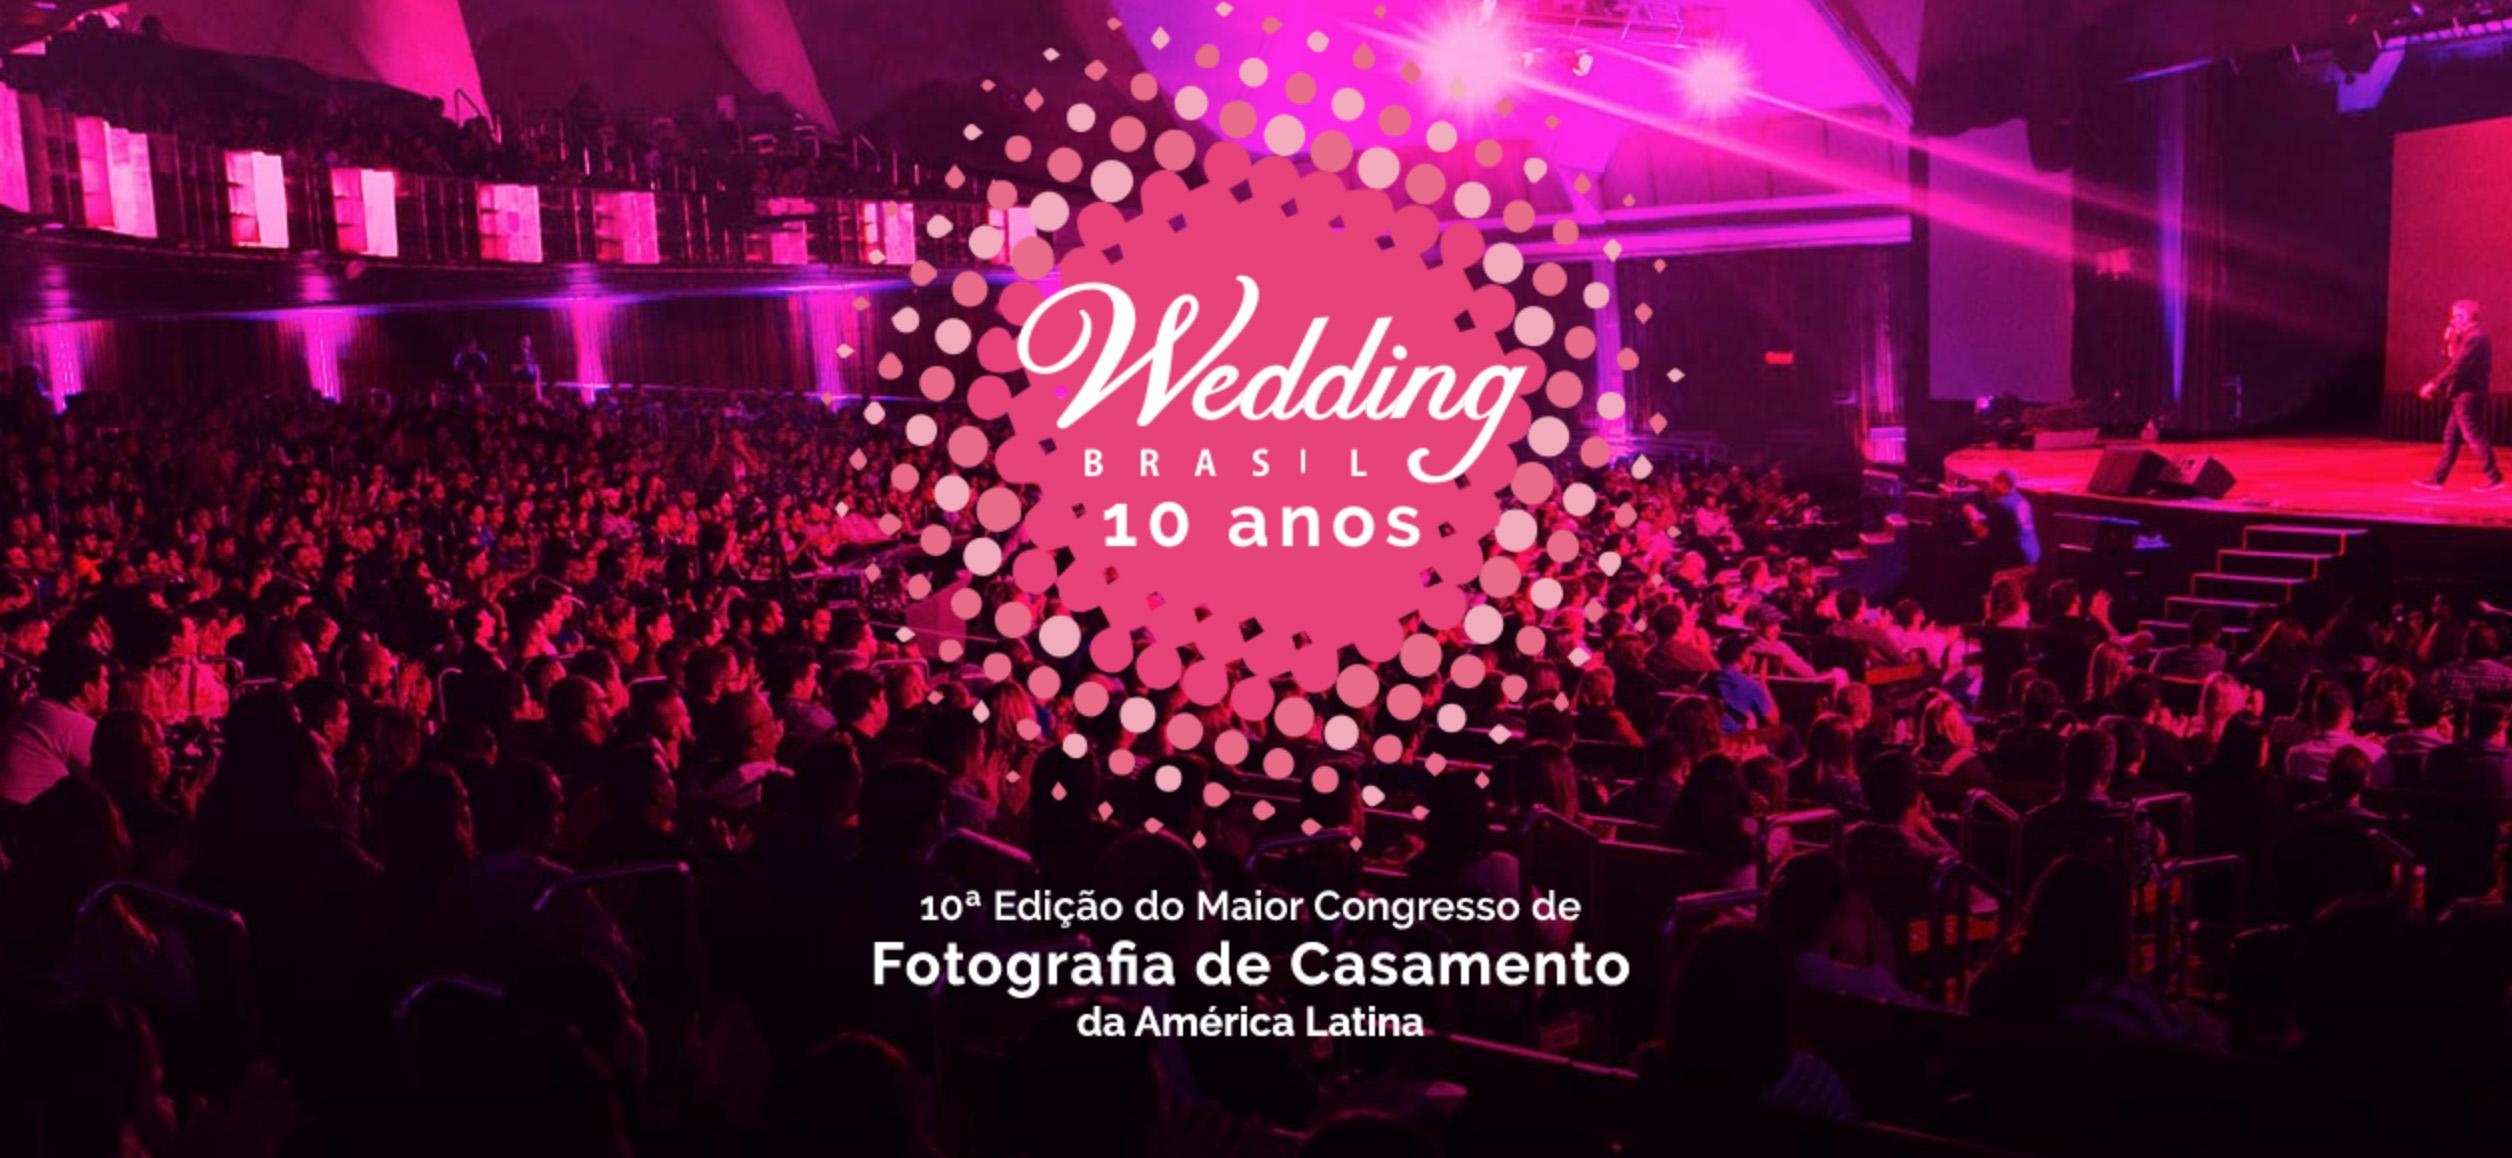 Imagem capa - Masterclass | Wedding Brasil 2018 | São Paulo - SP por Lucas Lermen Fotografia